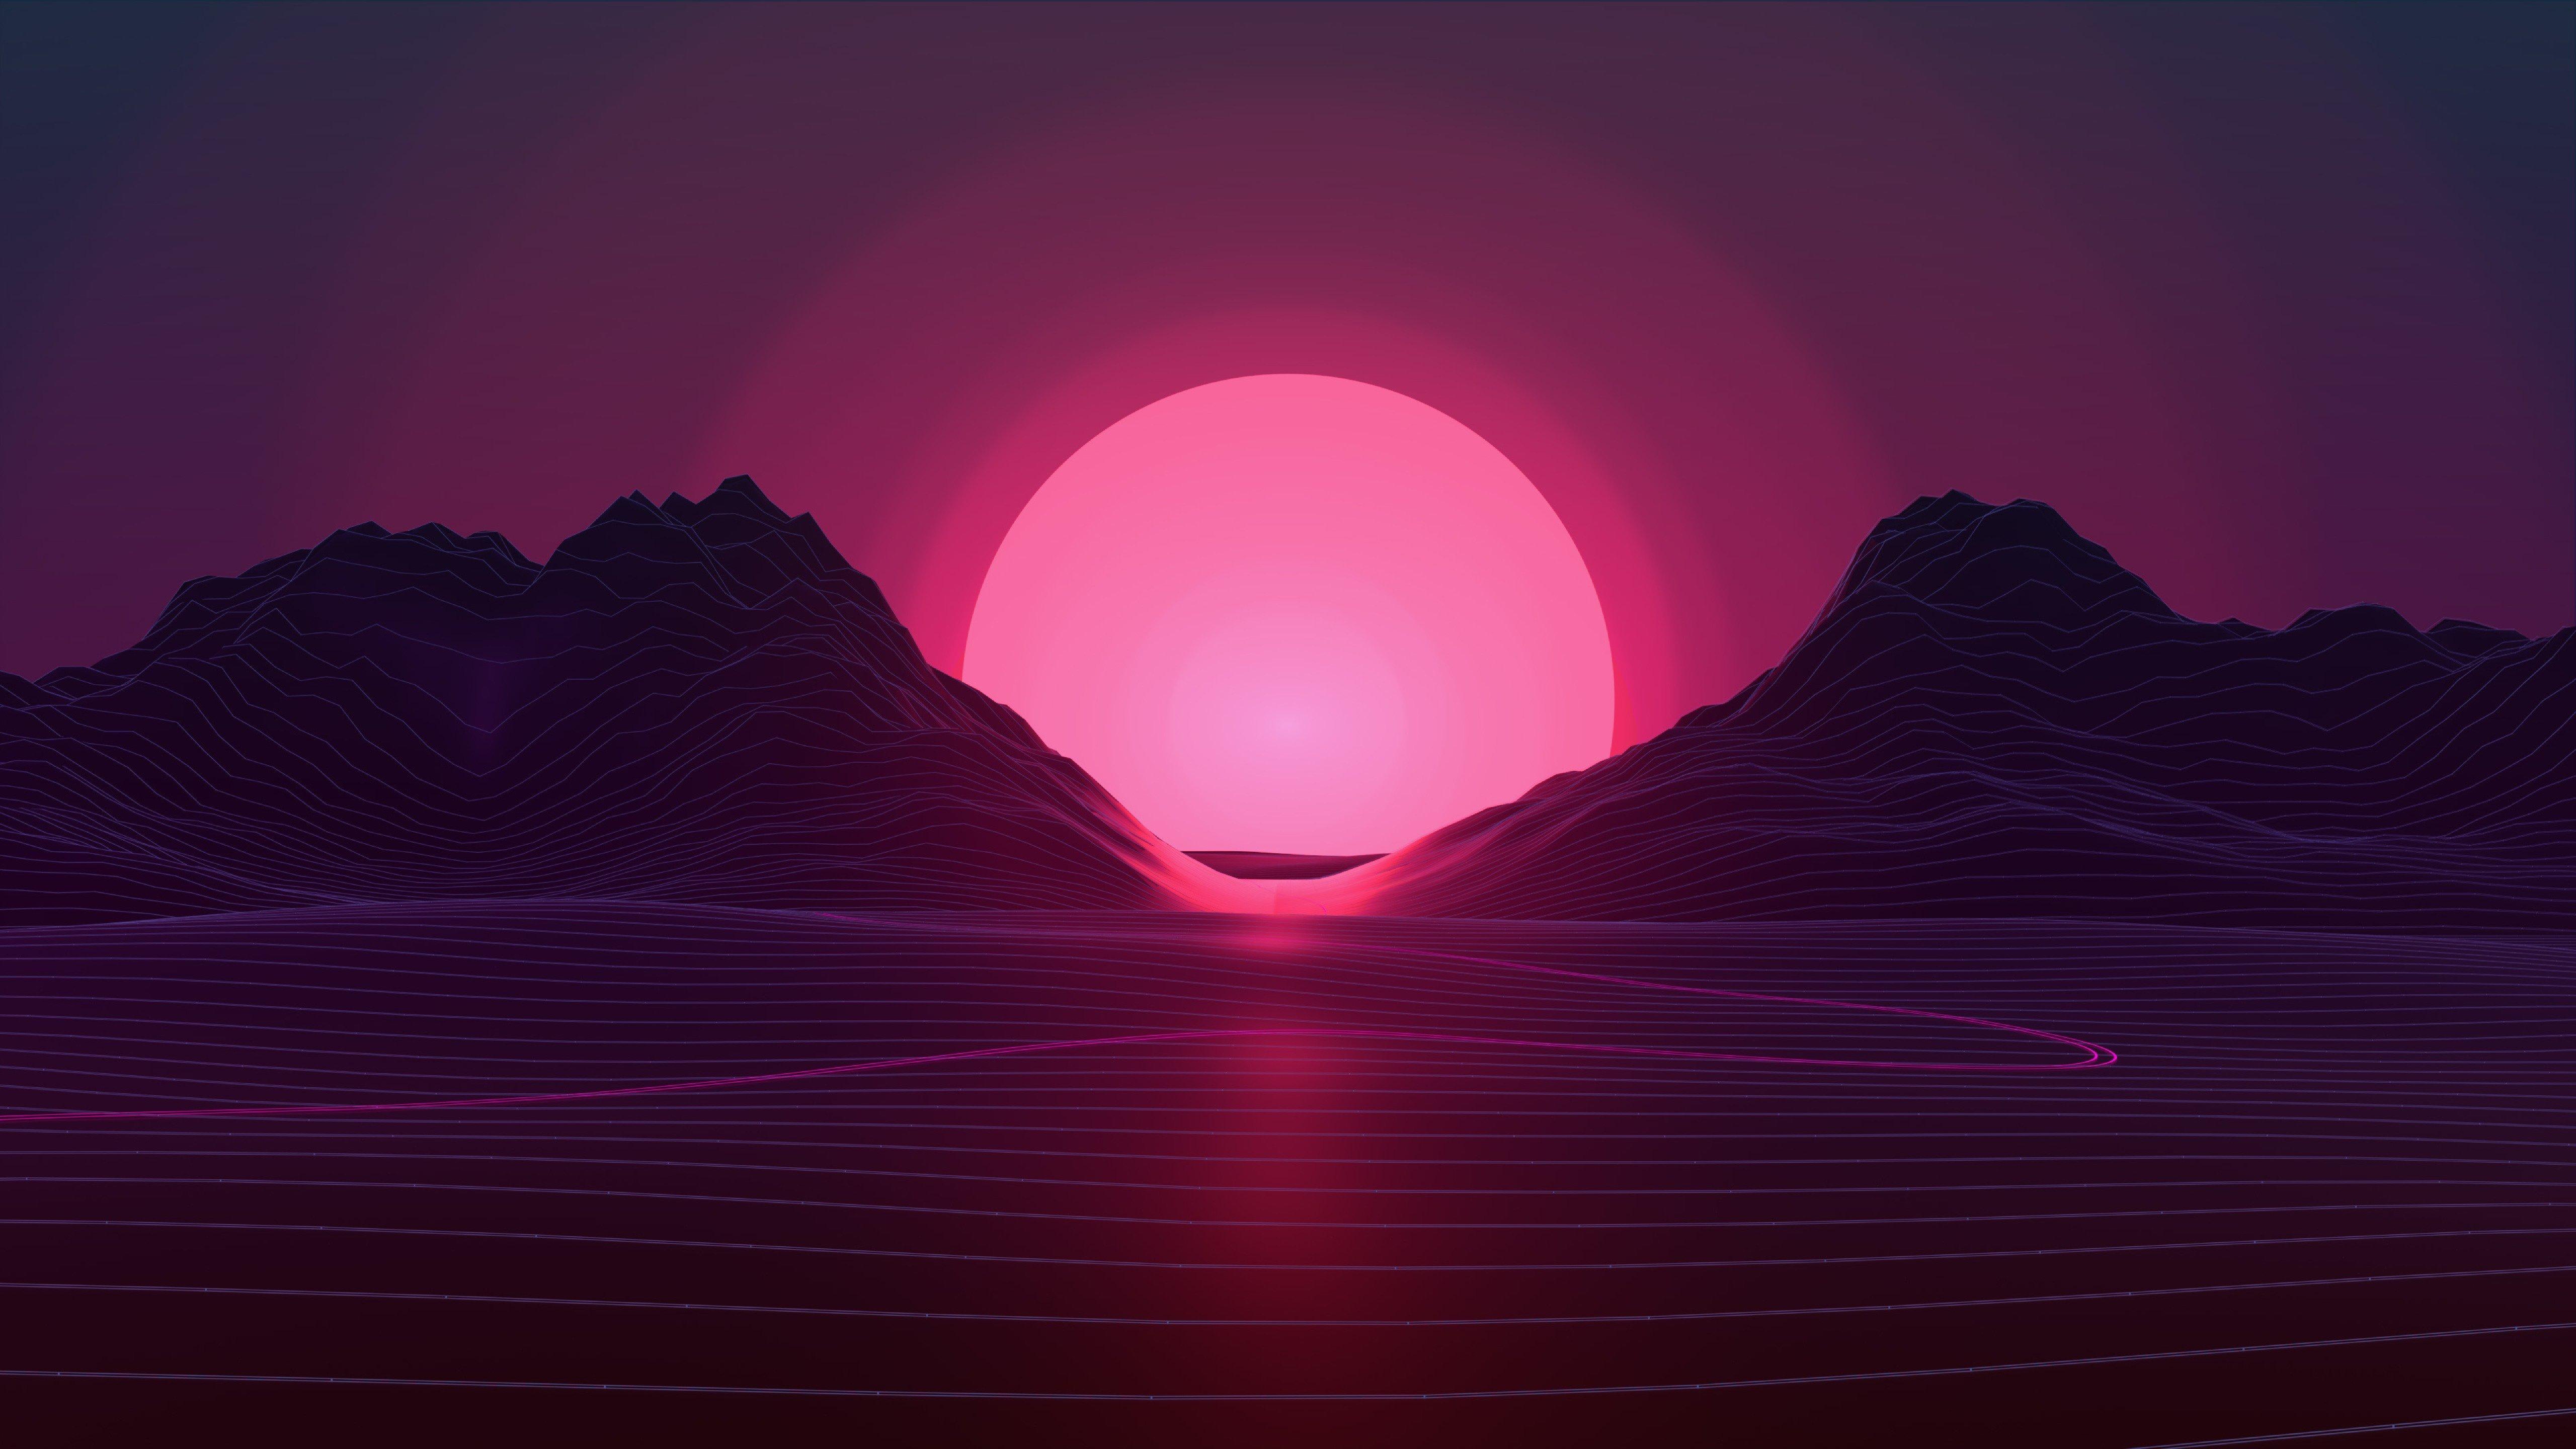 Fondos de pantalla Retrowave Puesta del sol